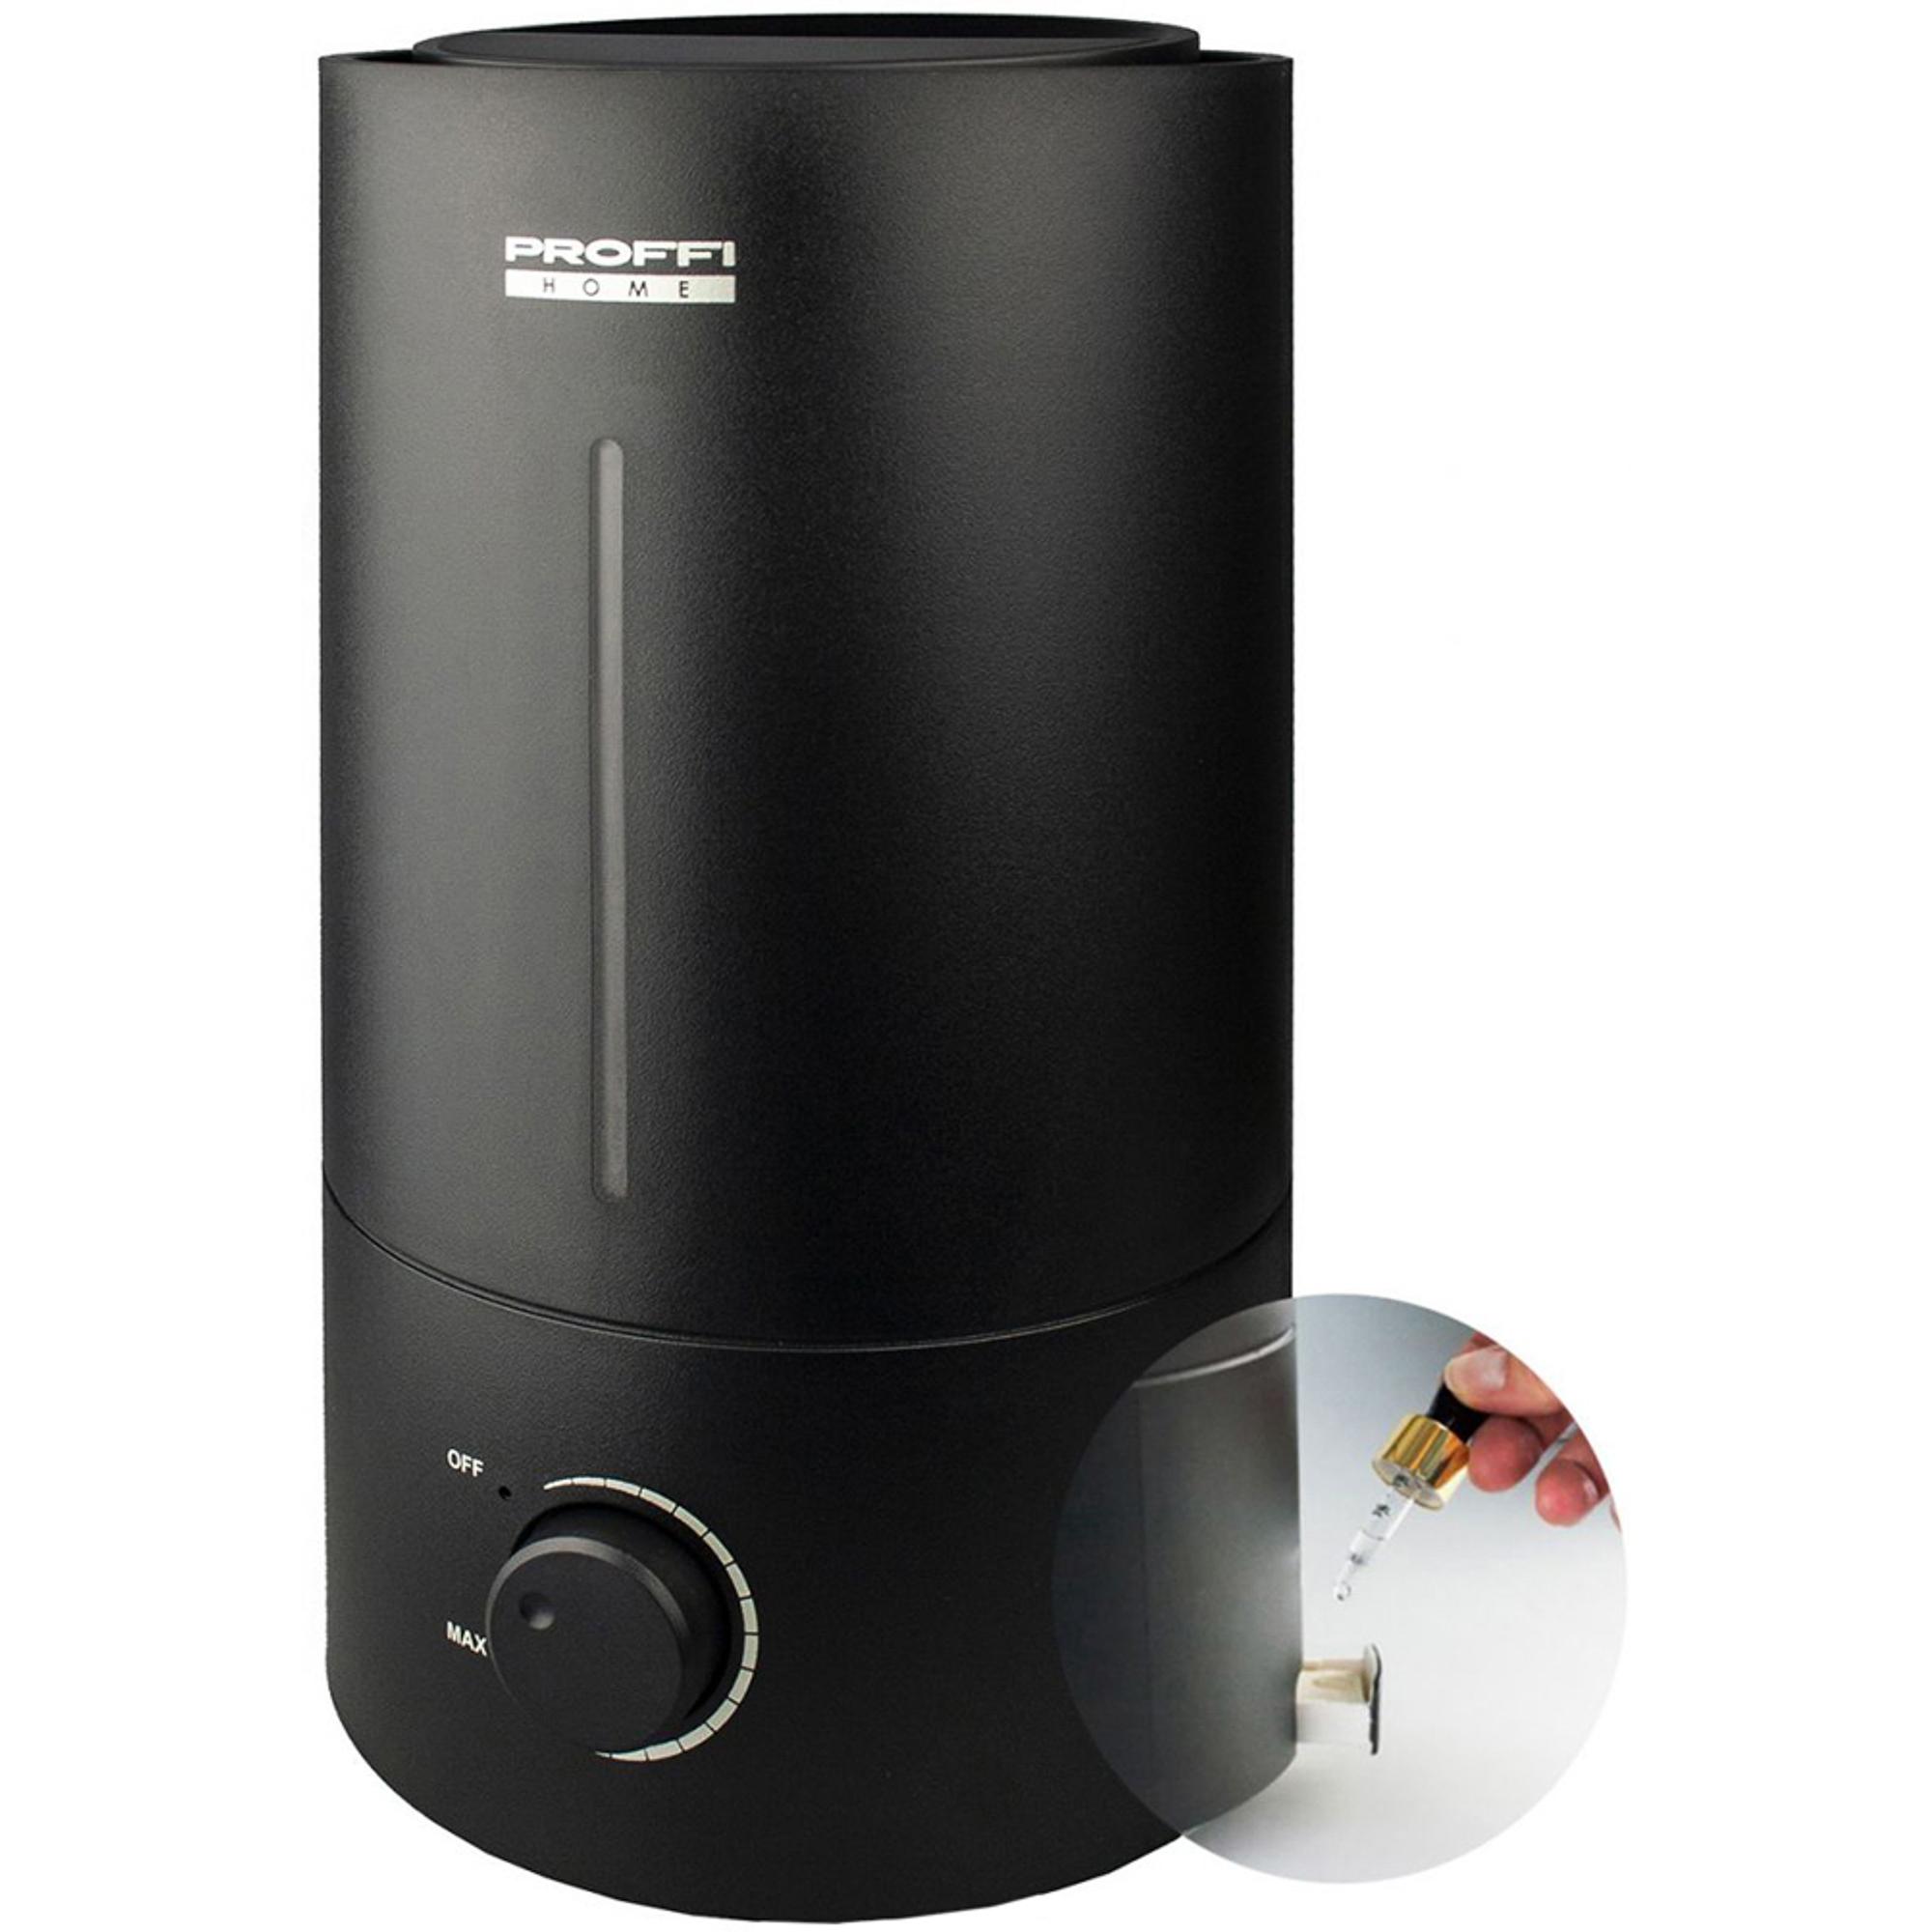 Ультразвуковой увлажнитель воздуха Proffi Home PH8757 увлажнитель воздуха miniland humiplus advanced 89081